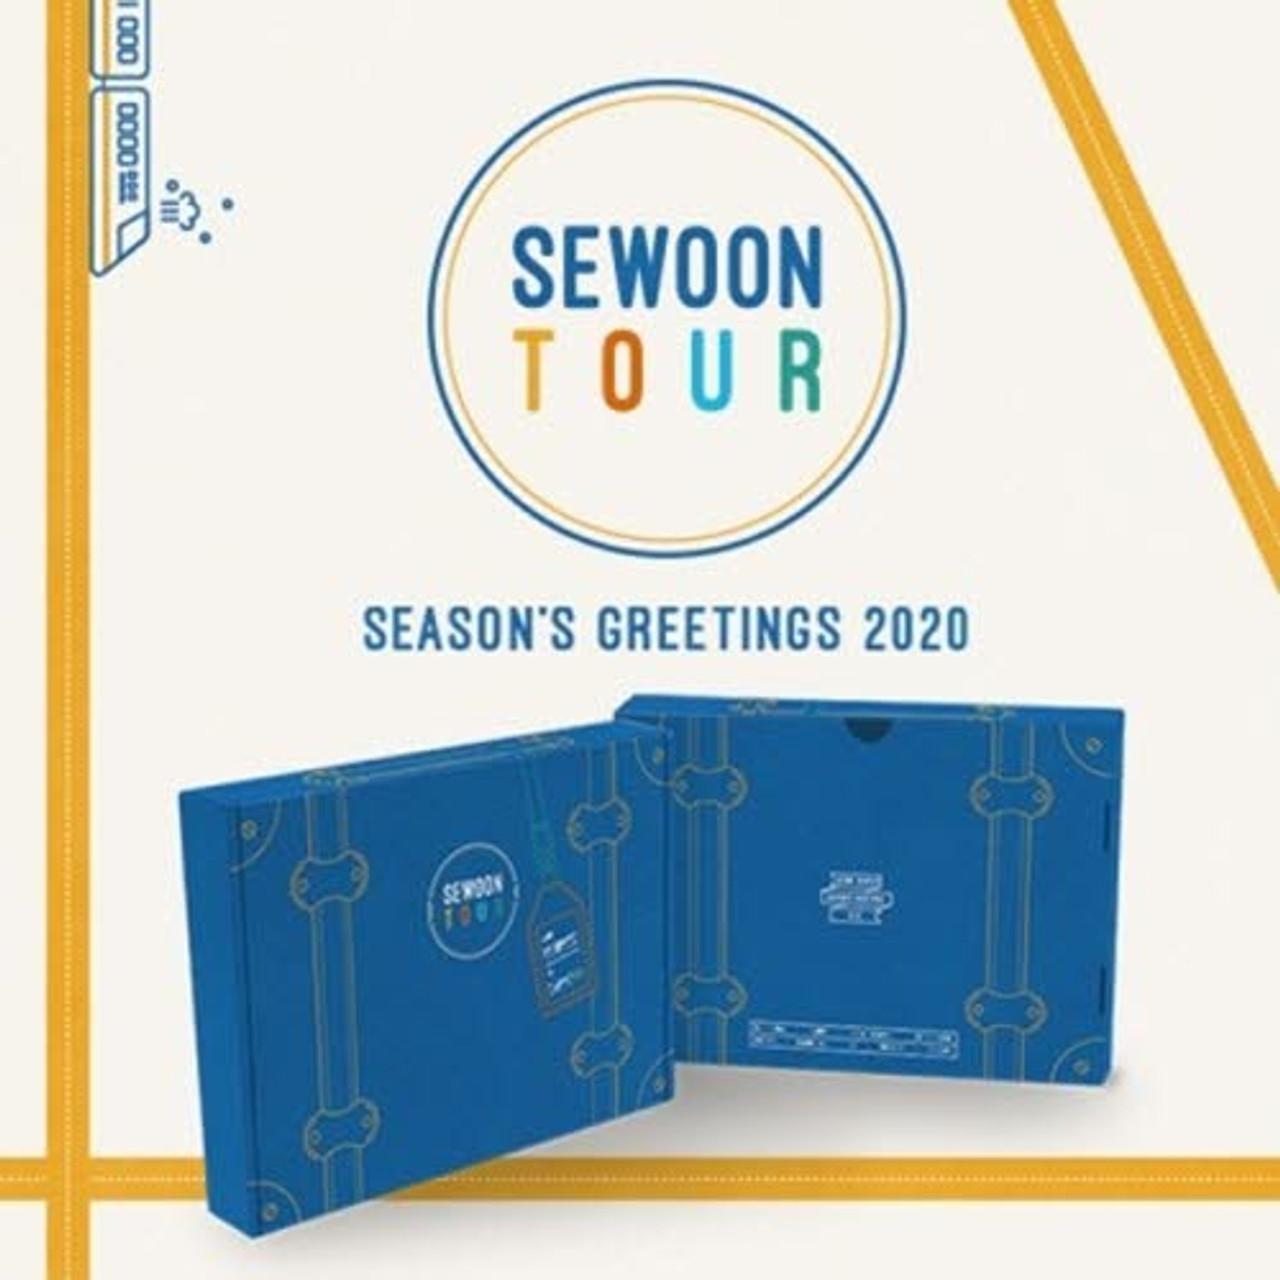 JUNG SEWOON - 2020 SEASONS GREETINGS